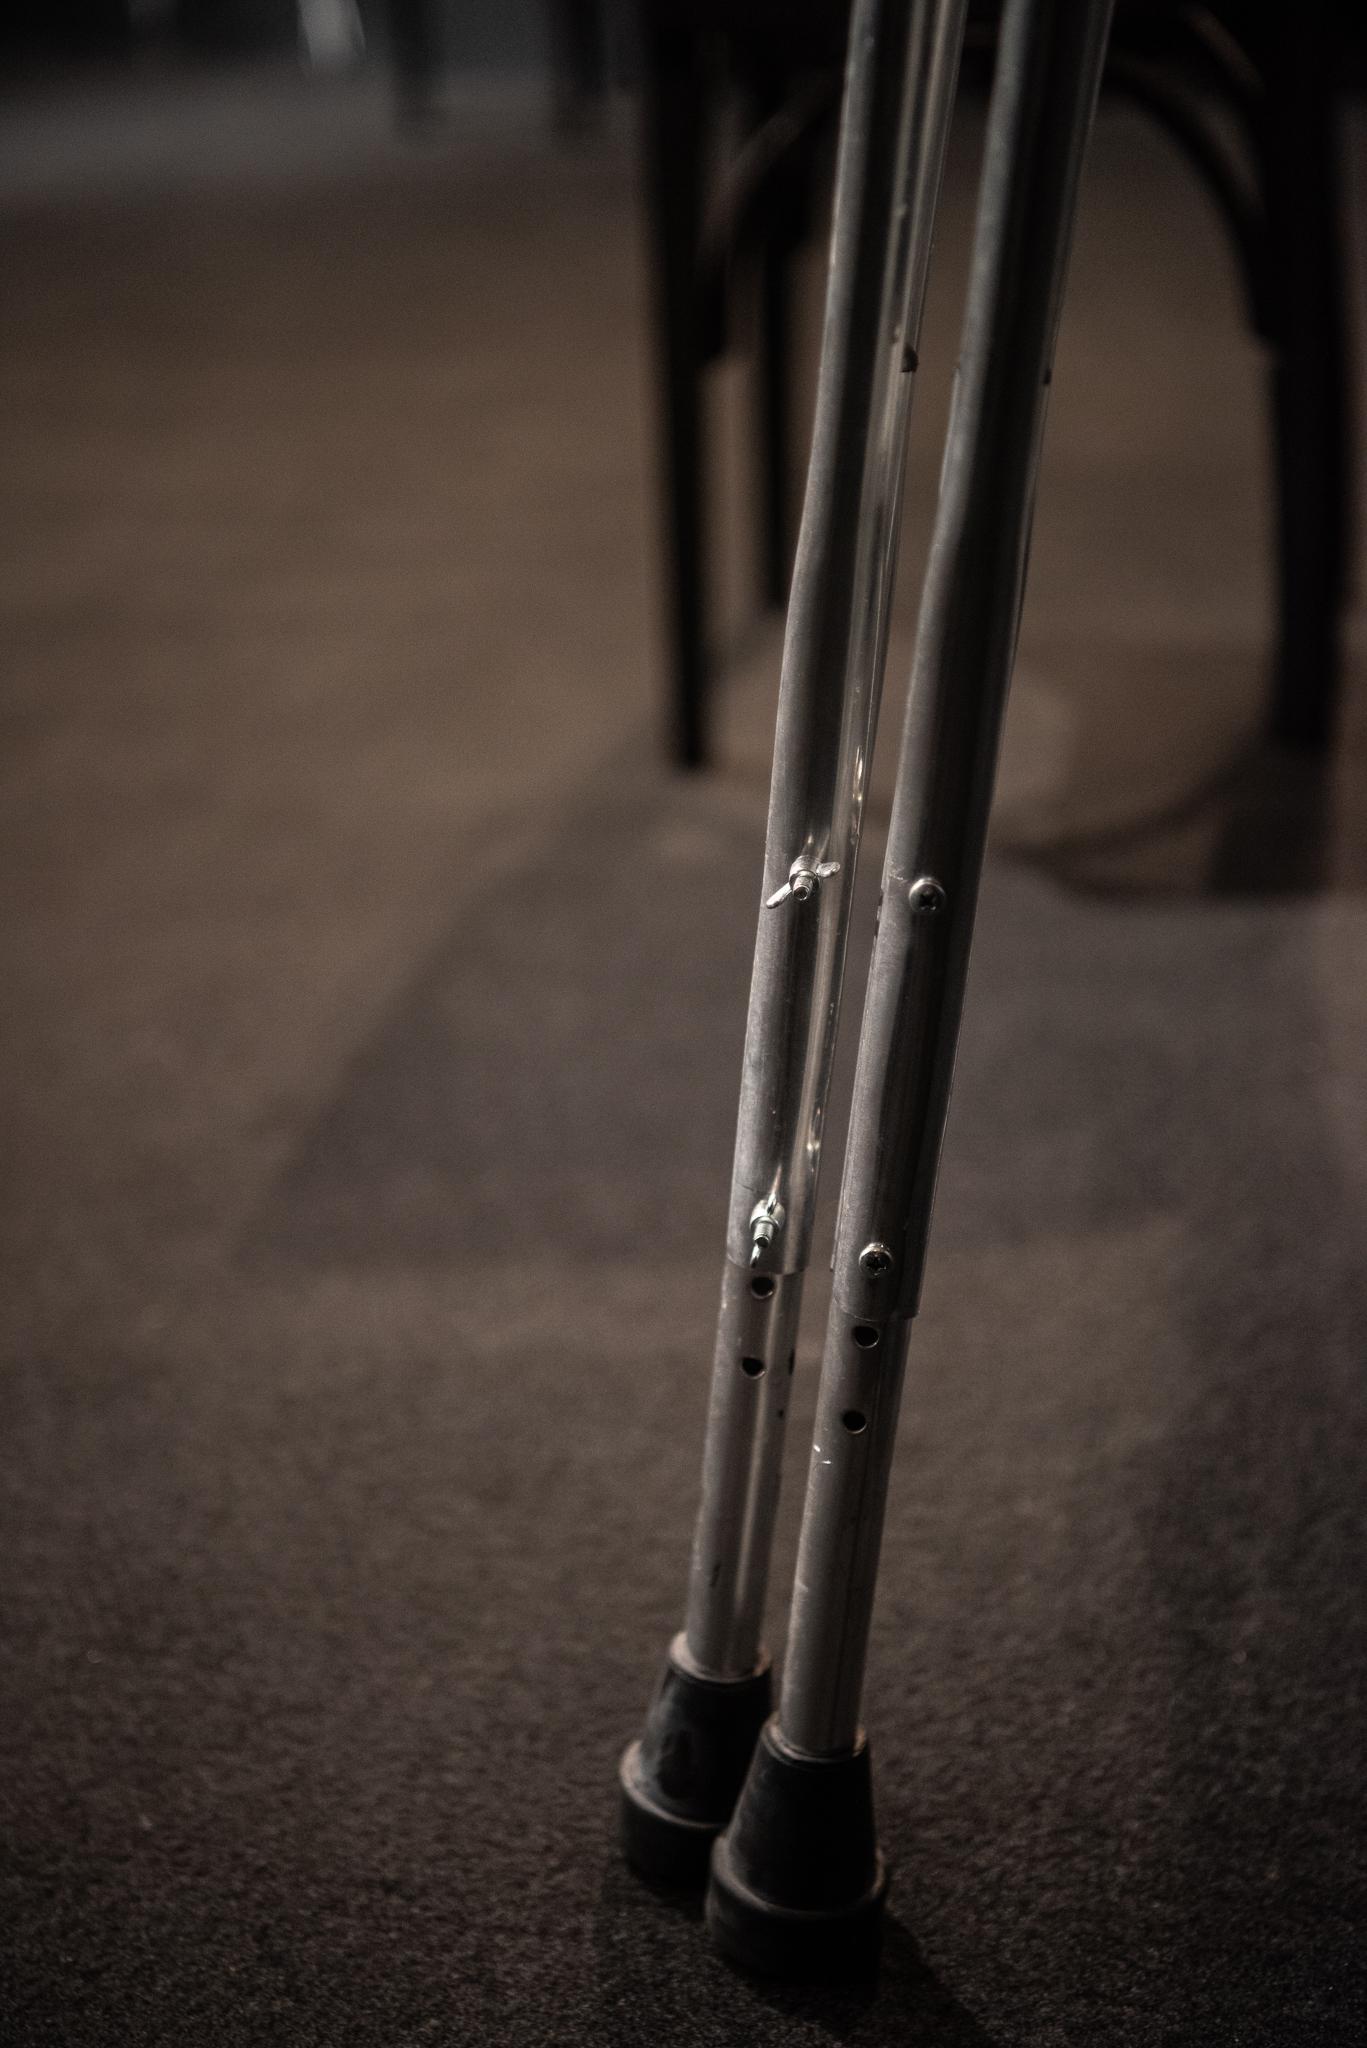 A bicicleta de papel, por Bob Sousa